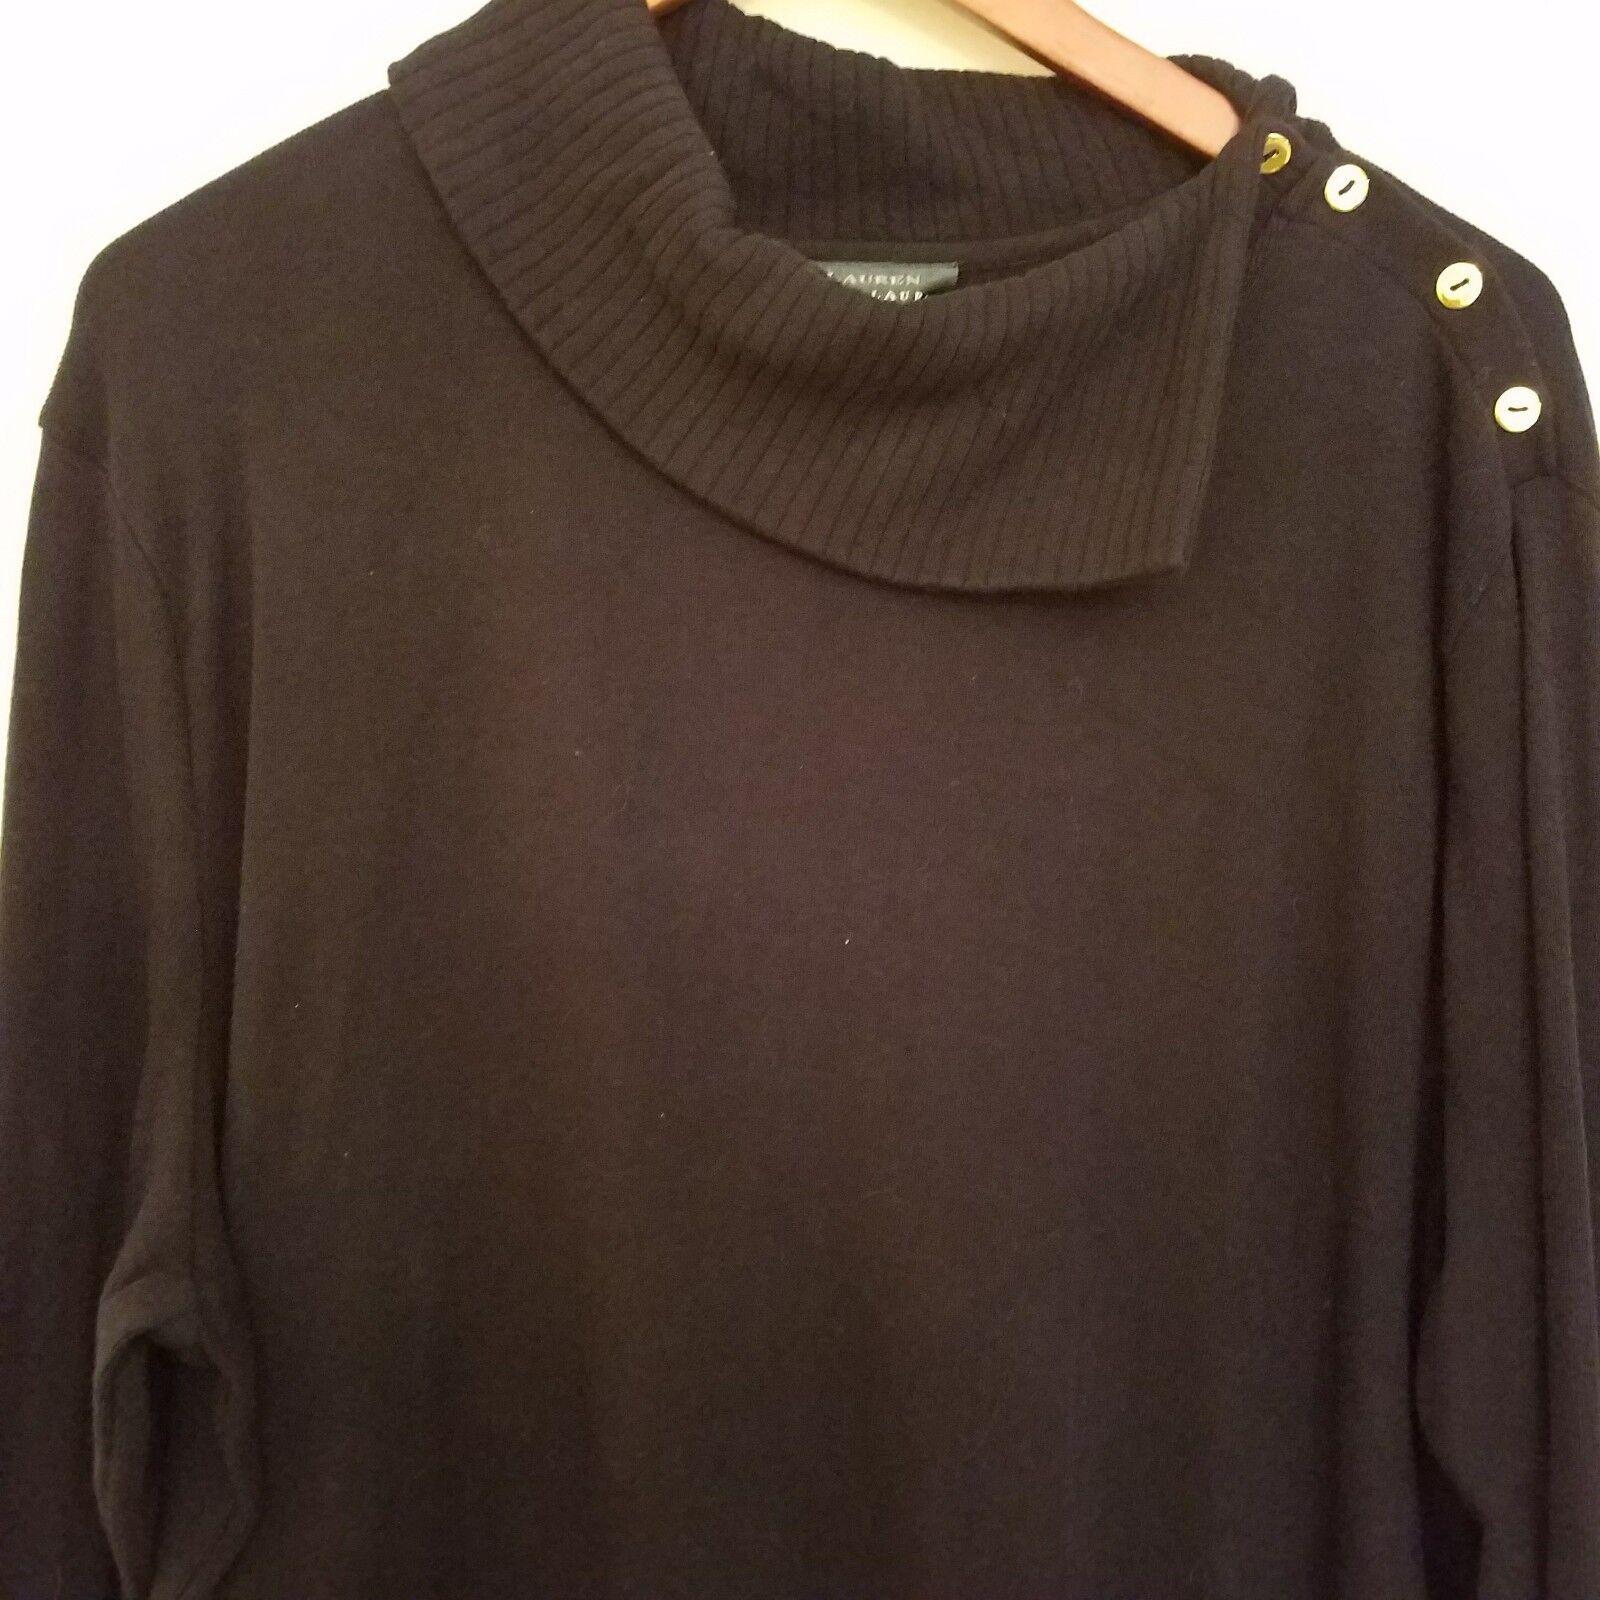 Ralph Lauren Plus Plus Plus Sweater Dress 3X Navy bluee gold Button Shoulder ae83c1